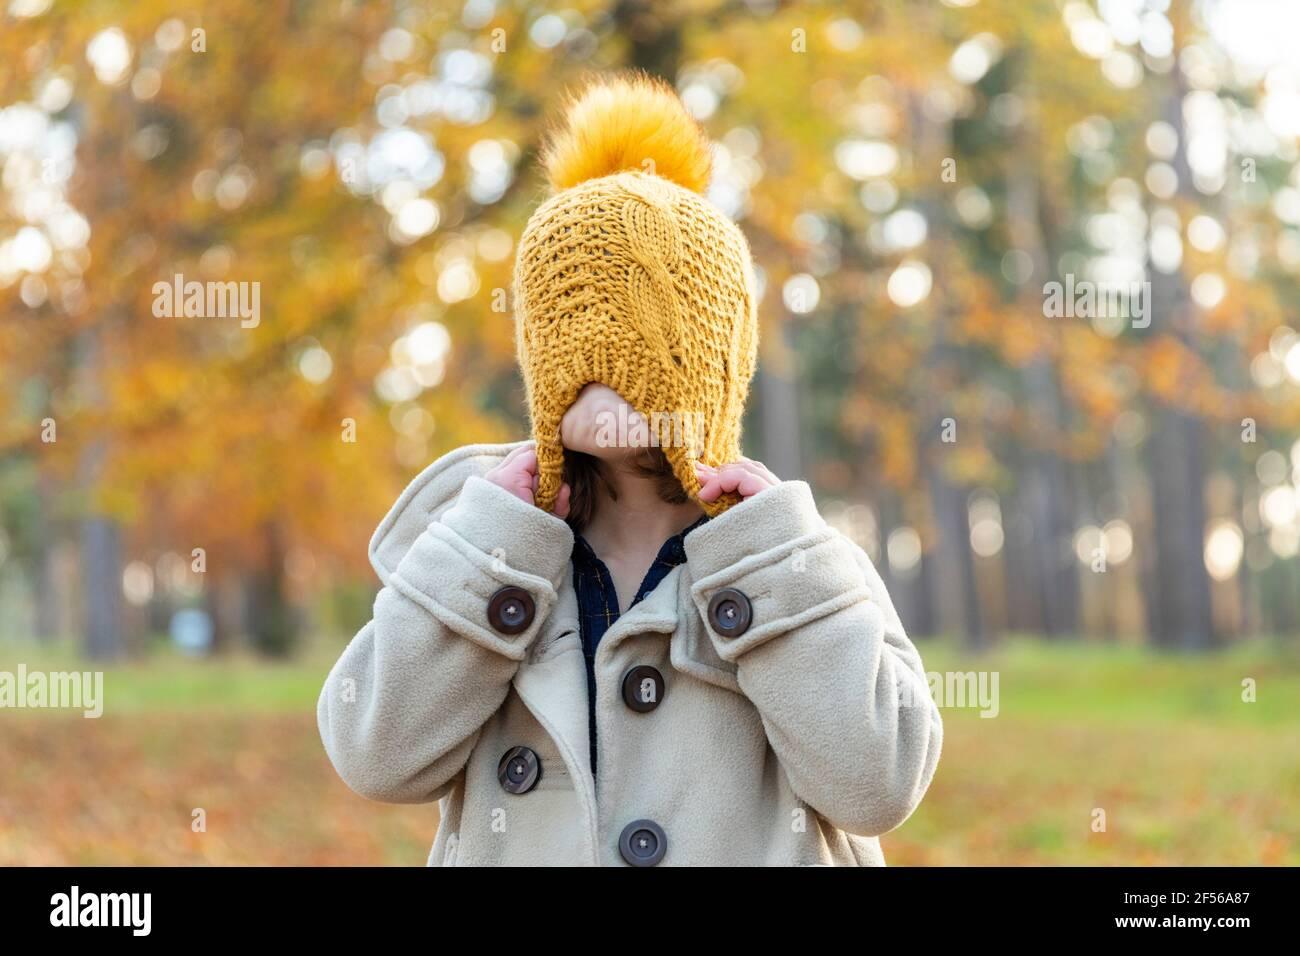 Ragazza che tira il cappello a maglia mentre si gioca nella foresta Foto Stock